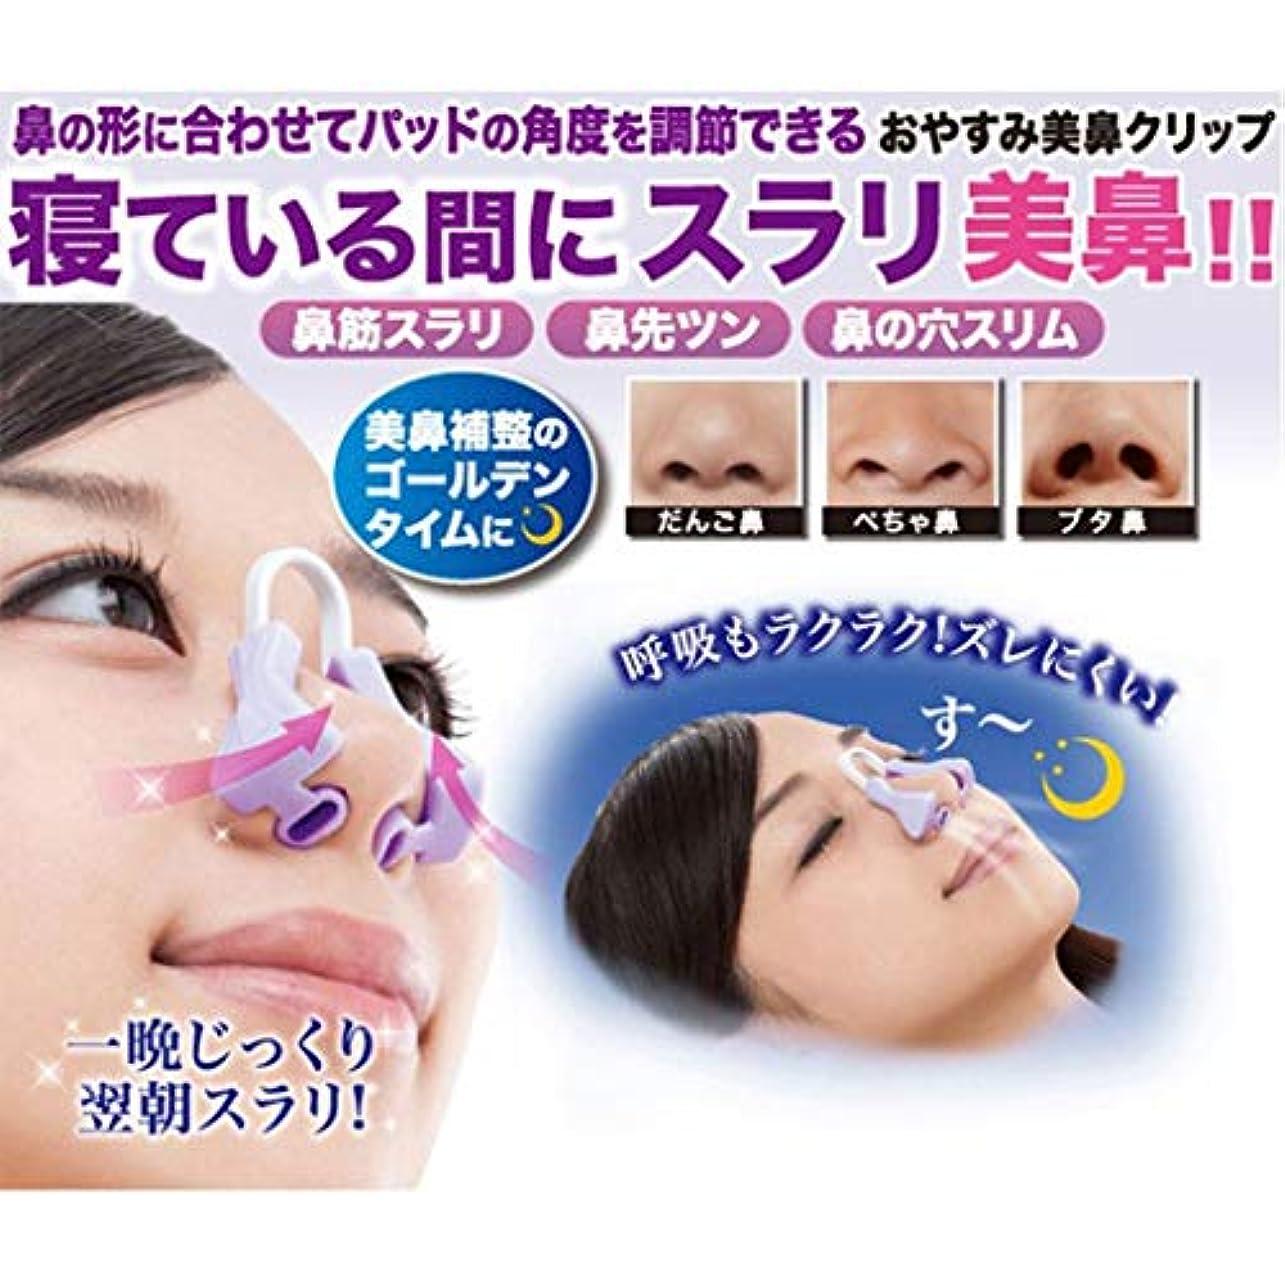 shengo 鼻筋セレブ 美鼻クリップ 鼻プチ 美鼻でナイト ノーズクリップ 鼻矯正 鼻補正器具 鼻筋 小顔サポート 小顔グッズ 美容グッズ 装着簡単 男女兼用